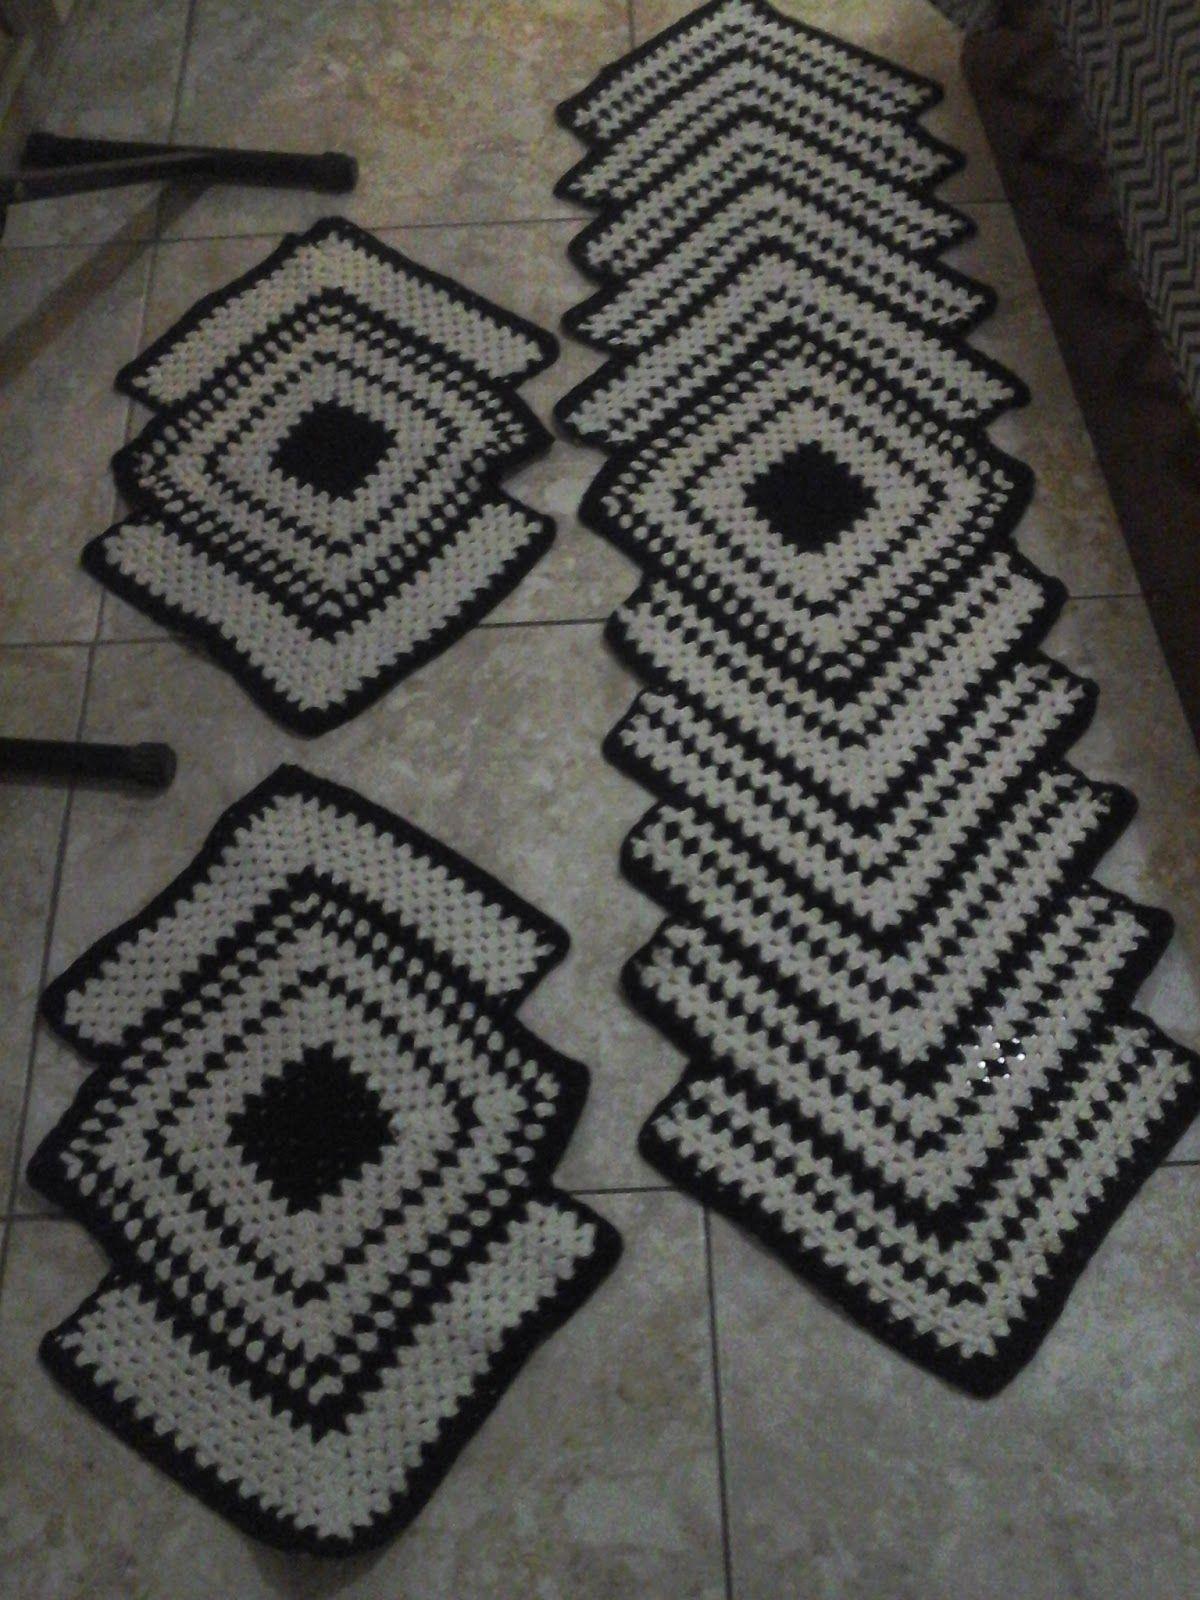 Pin von Izildy Cruz auf Tapetes em crochet | Pinterest | Teppiche ...